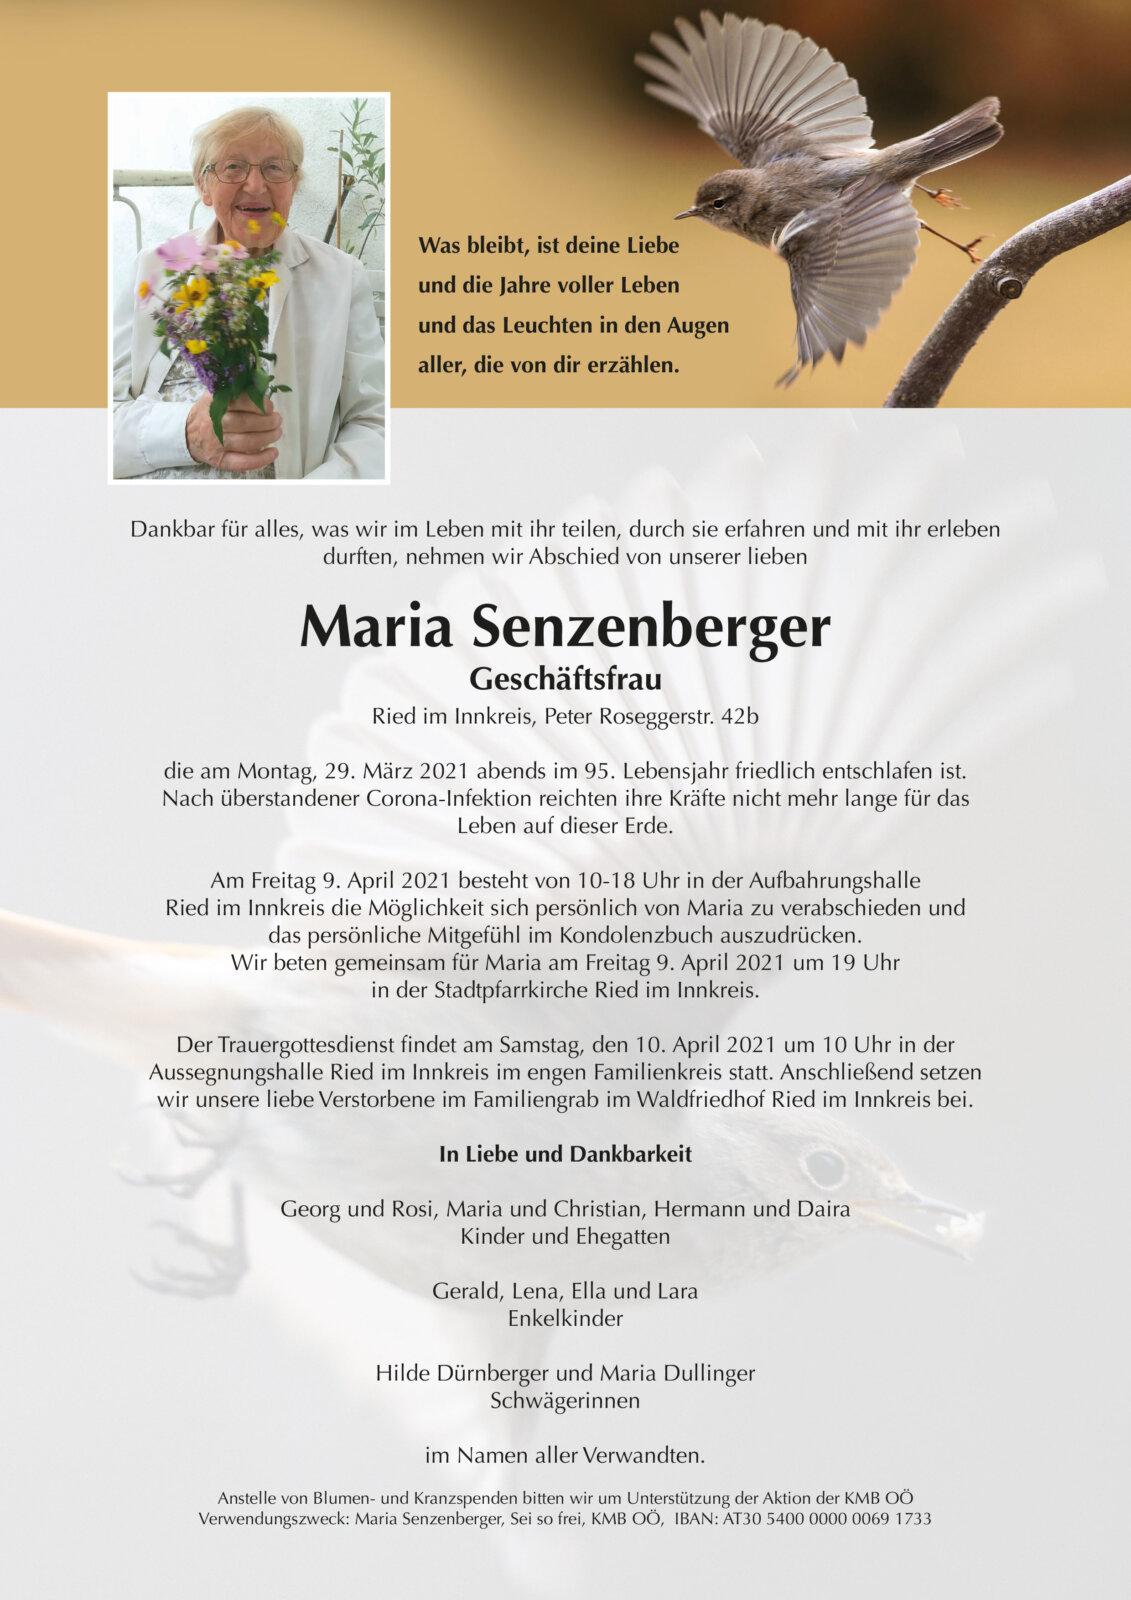 senzenberger-maria-parte-fuer-homepage